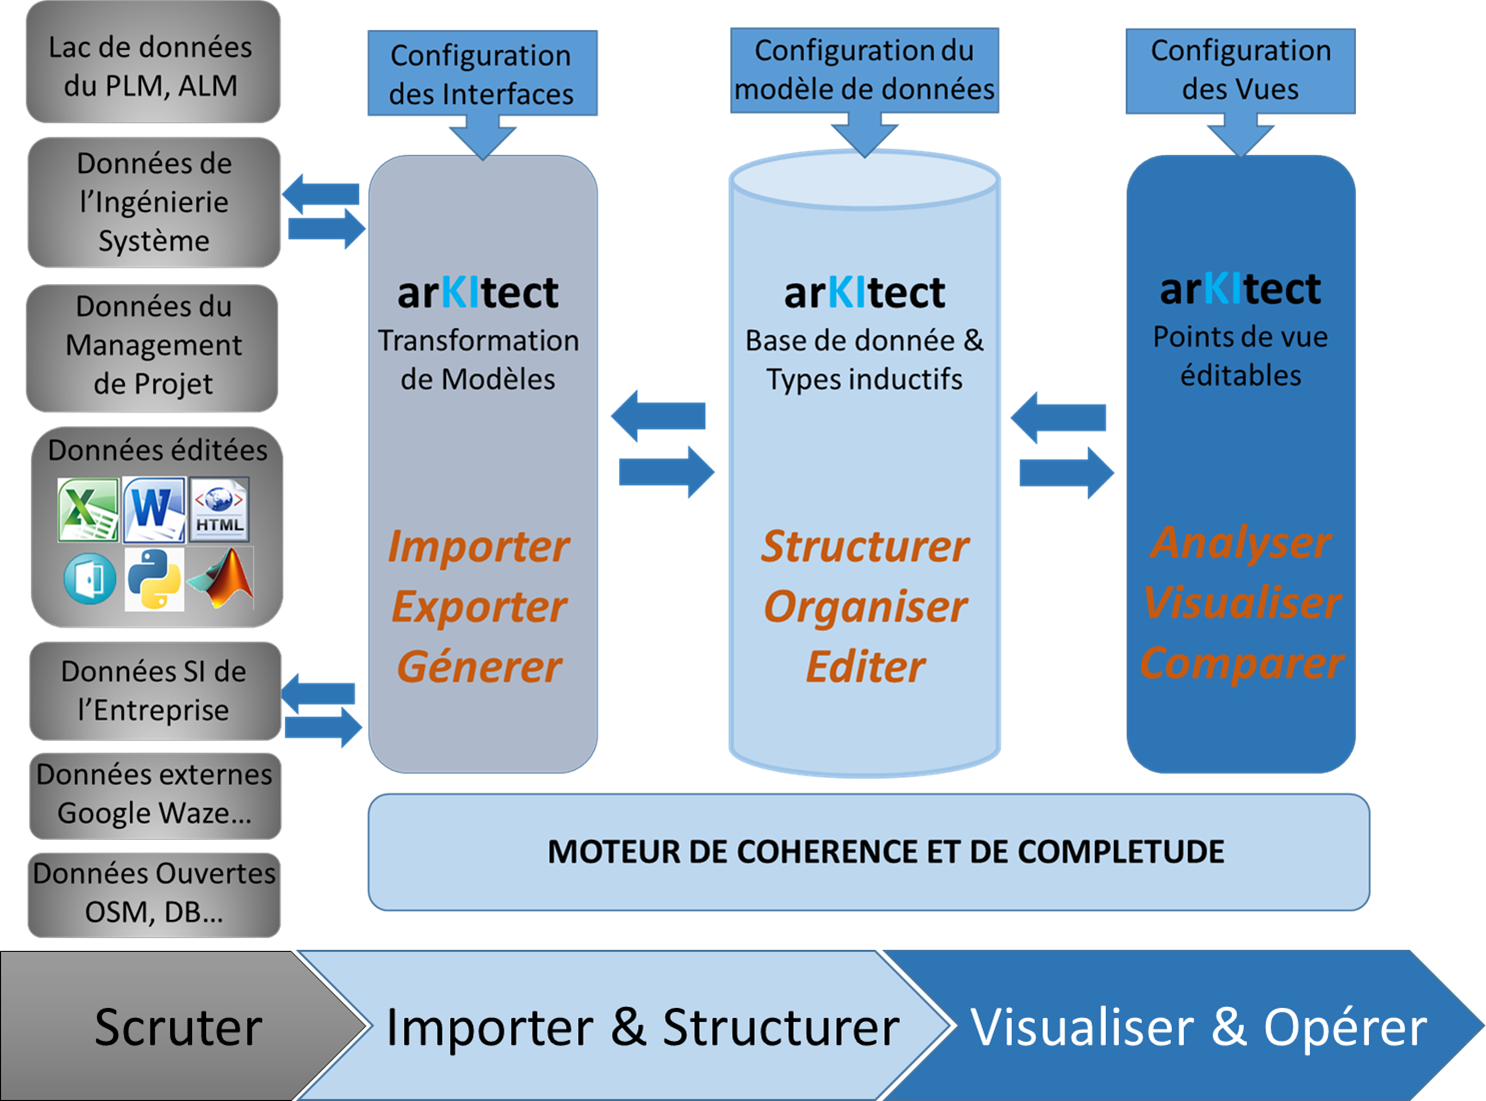 Notre plate-forme d'integration de données arKItect